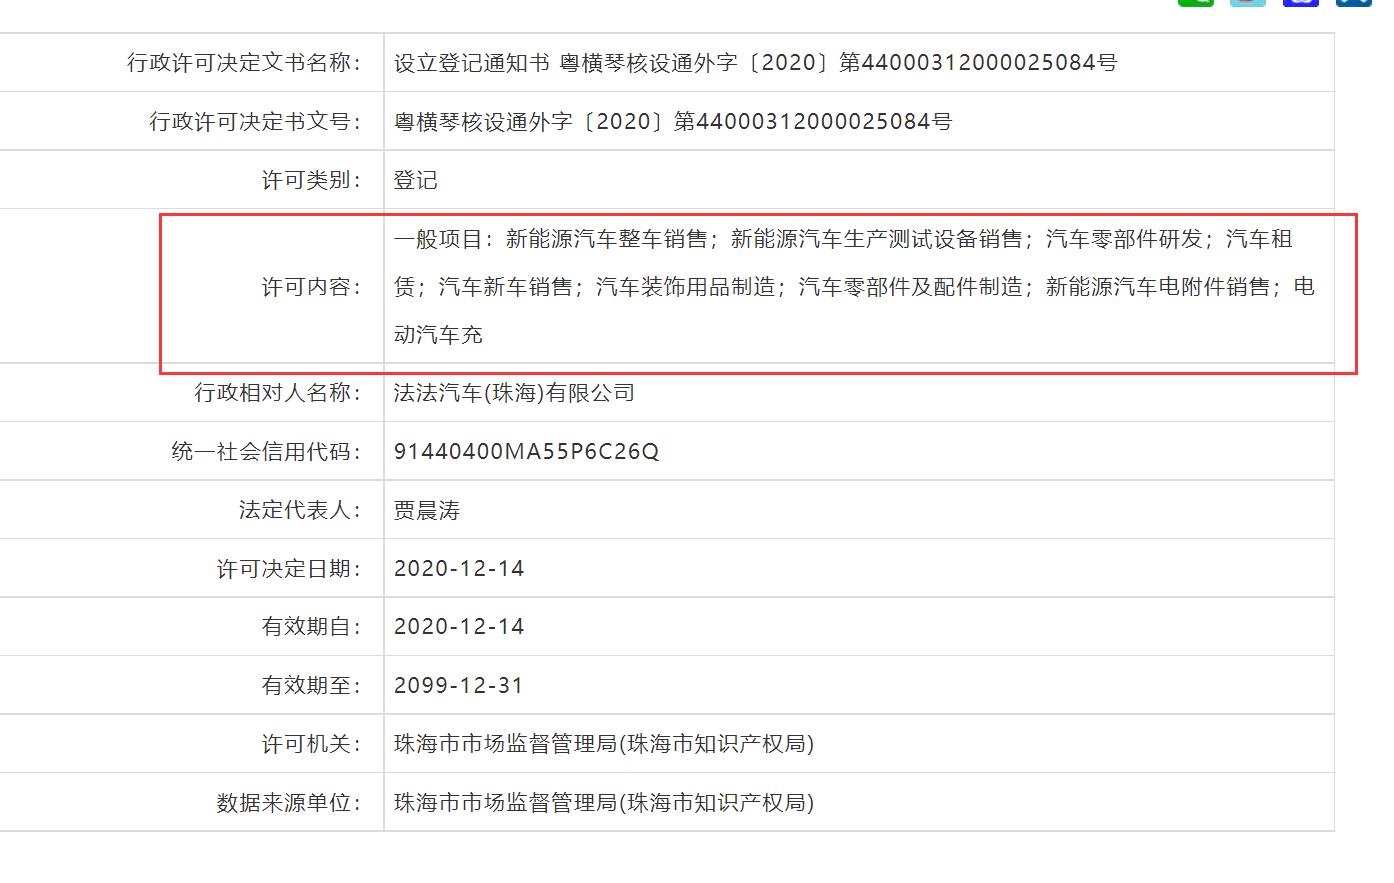 (法法汽车工商资料登记通知书信息,来源:信用中国广东珠海官网)